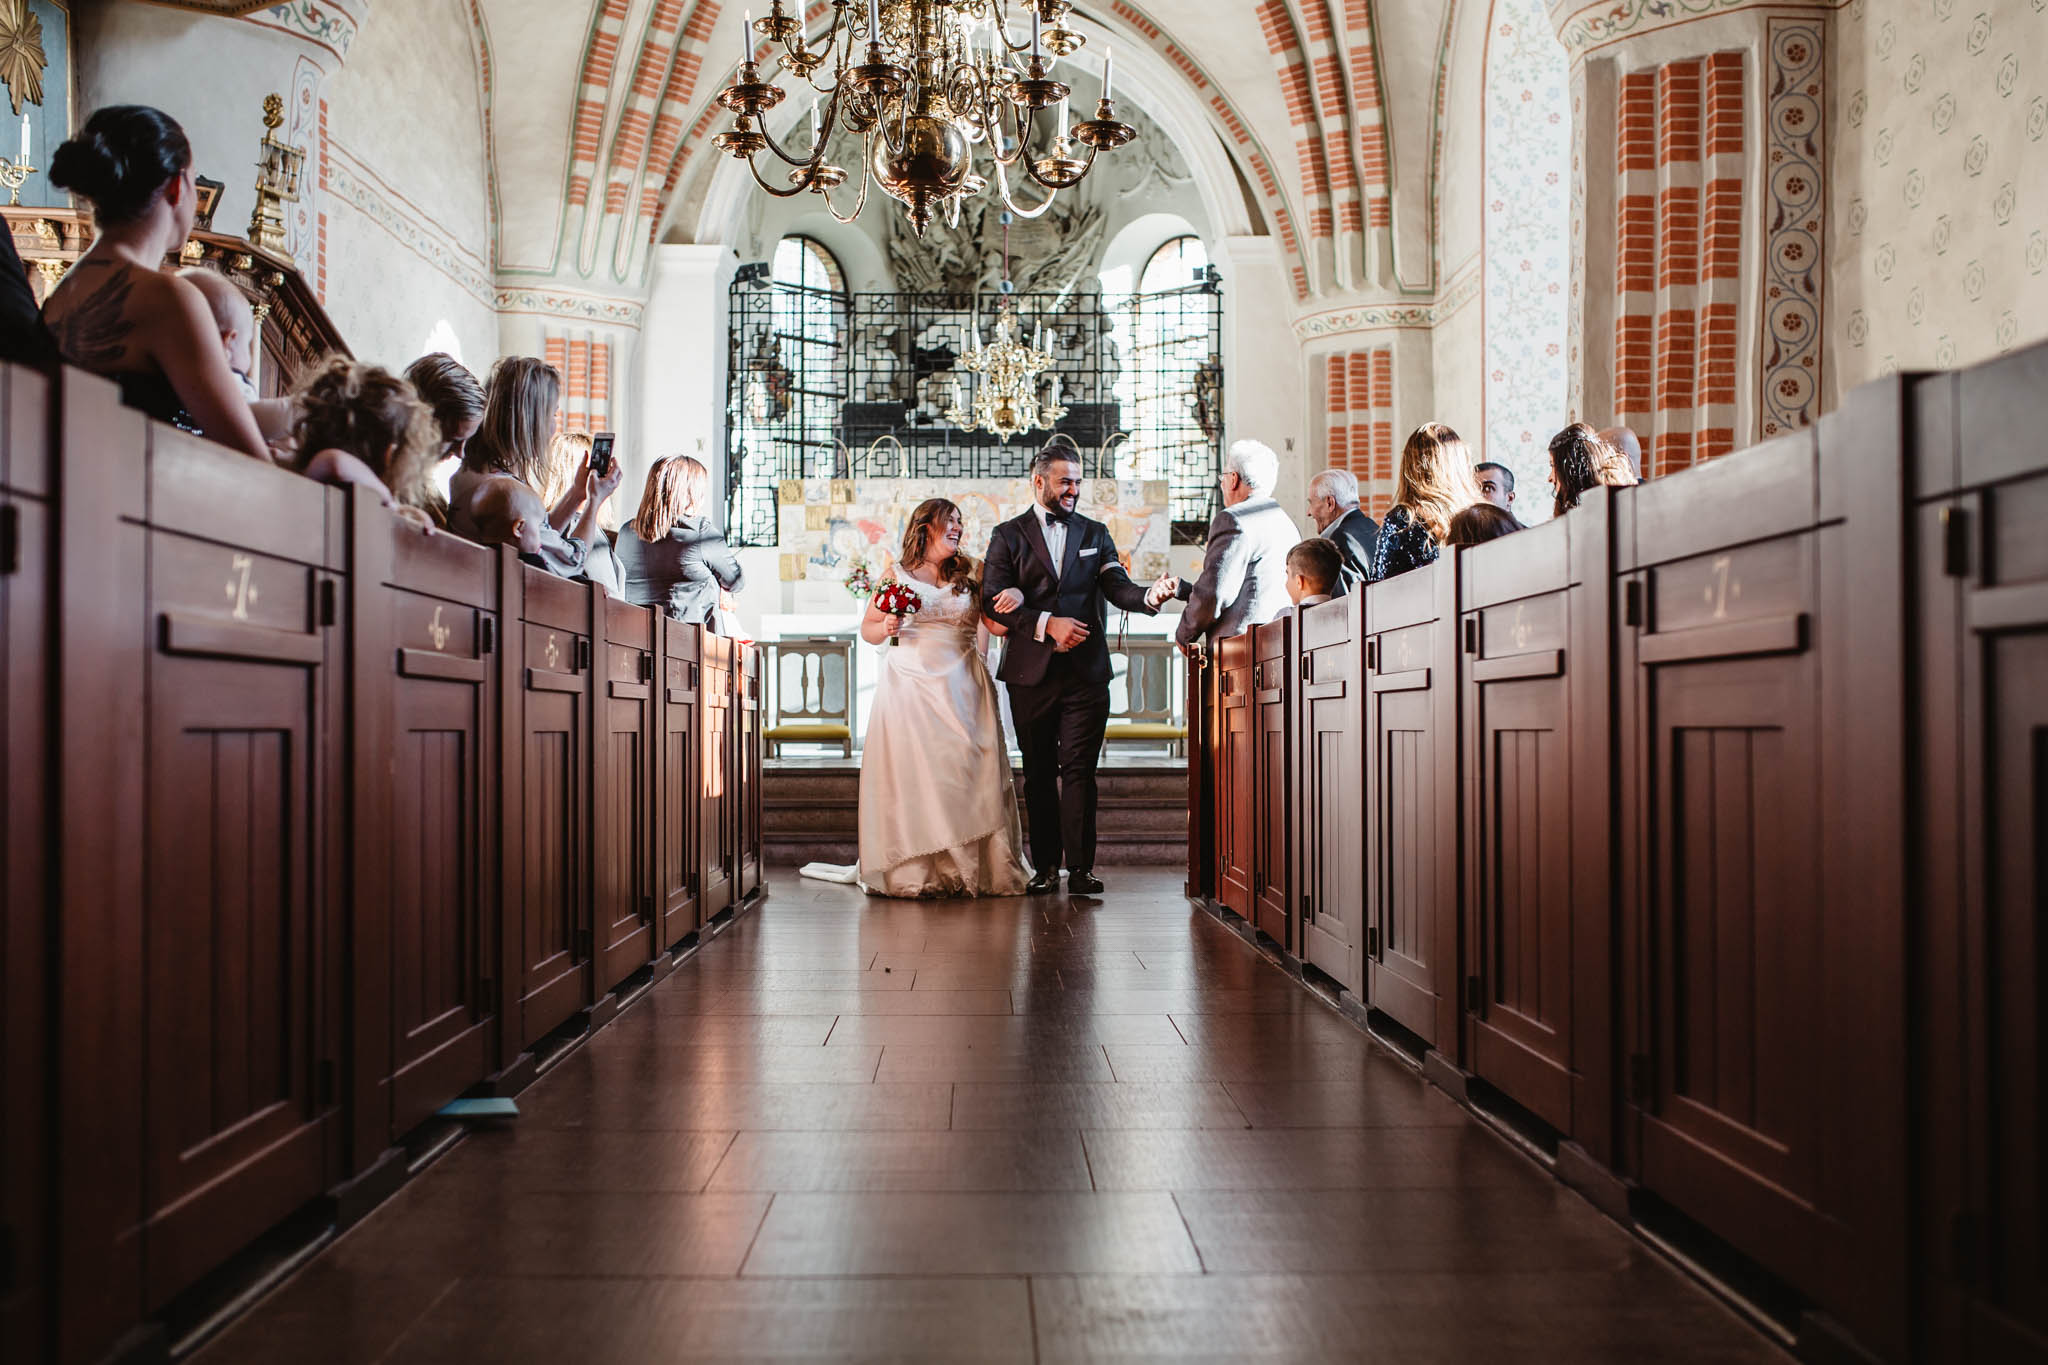 brollop_stockholm_vasterhaninge-15